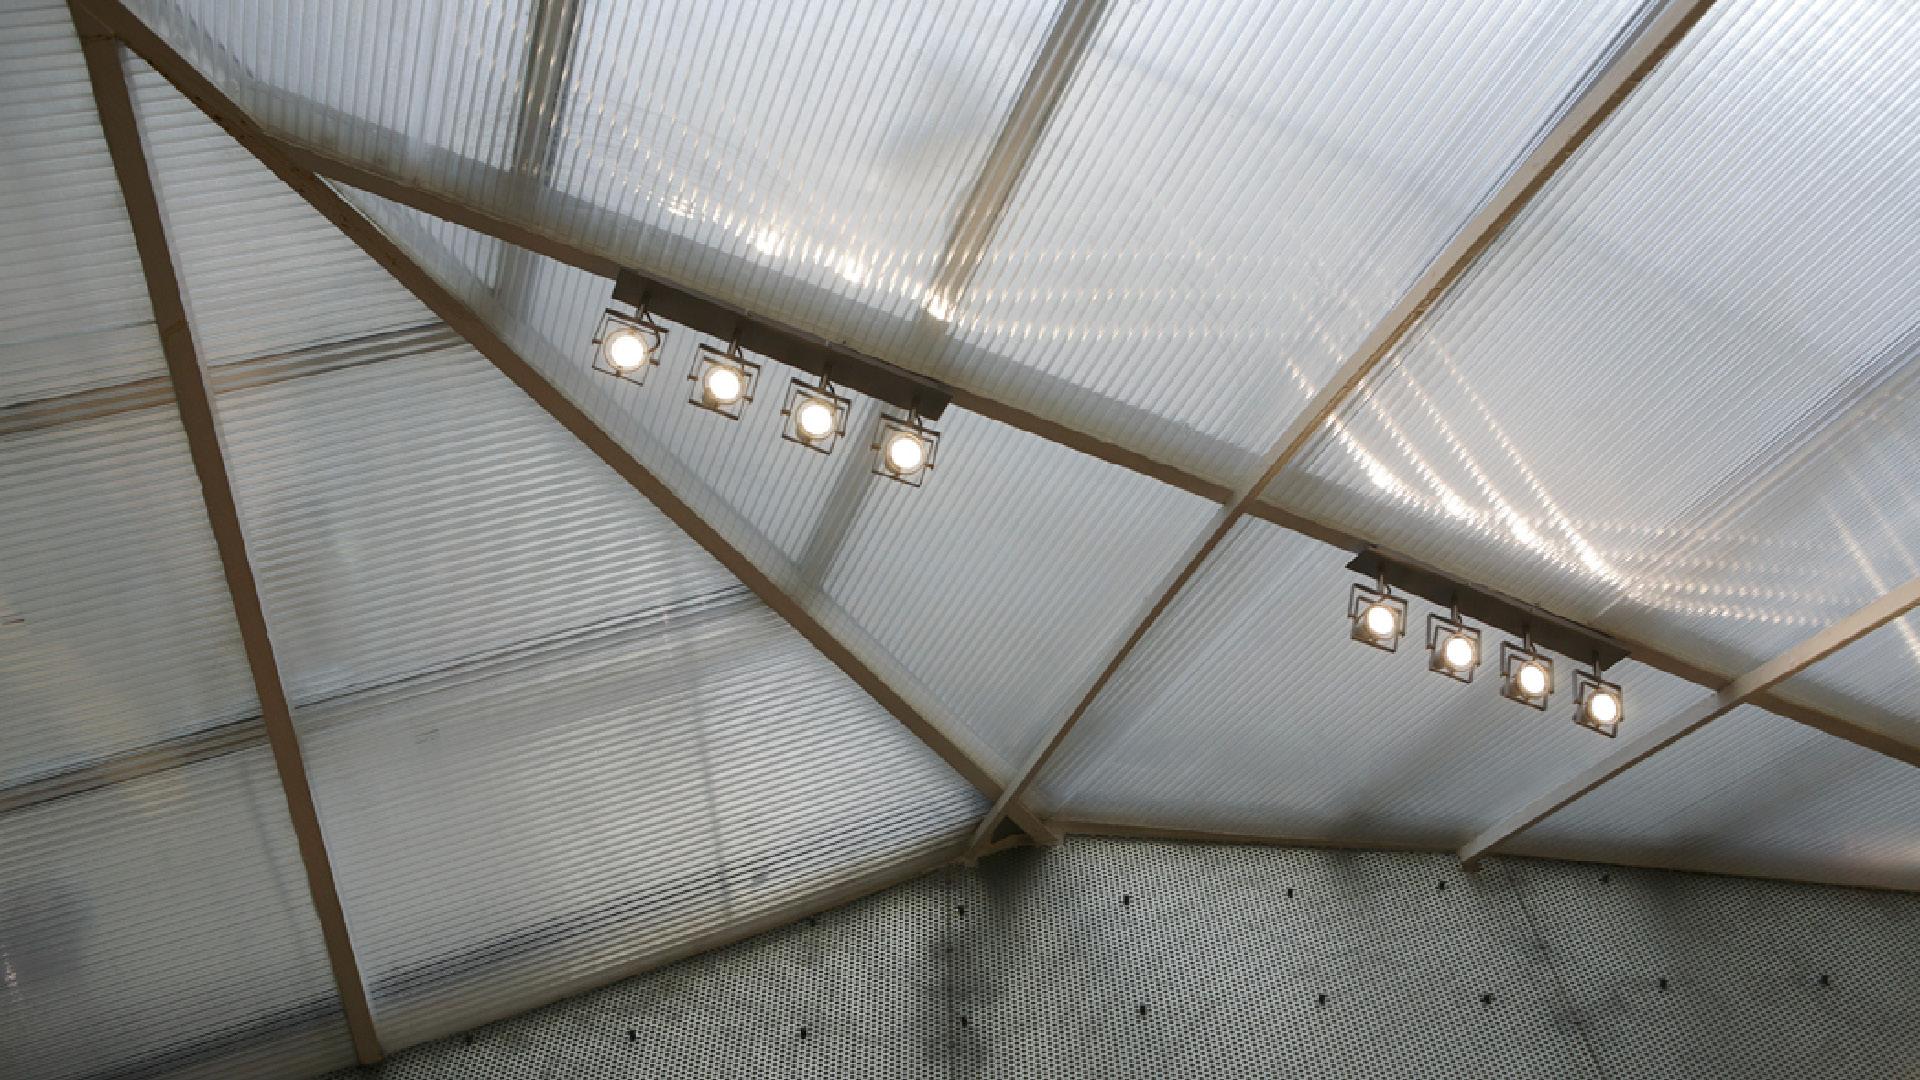 spatial practice architecture office Los Angeles Hong Kong La Squadra Showroom paris france zenital light